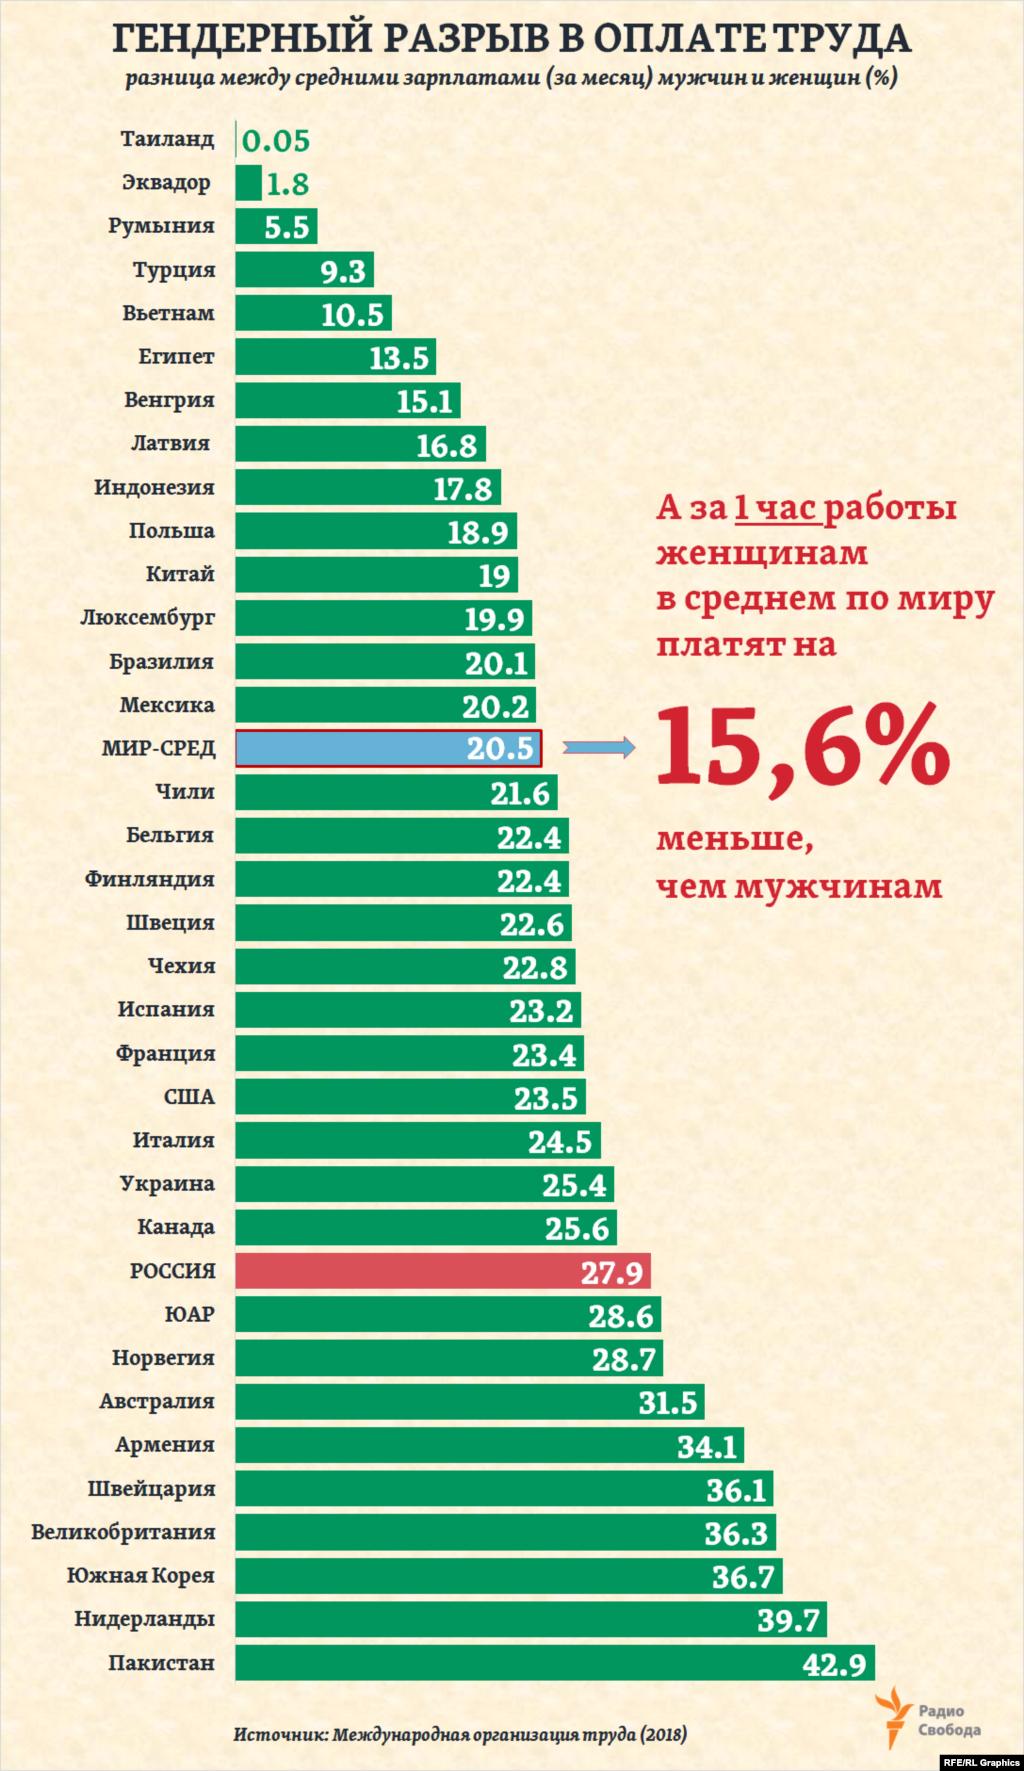 Женщины занимают сегодня 34% менеджерских должностей в экономиках исследованных ВЭФ стран. А разрыв в ежемесячных заработках мужчин и женщин, по последним оценкам Международной организации труда (МОТ), в среднем по миру составляет 20,5%. Иначе говоря, на каждый доллар, получаемый мужчиной, женщины получает 79,5 цента.